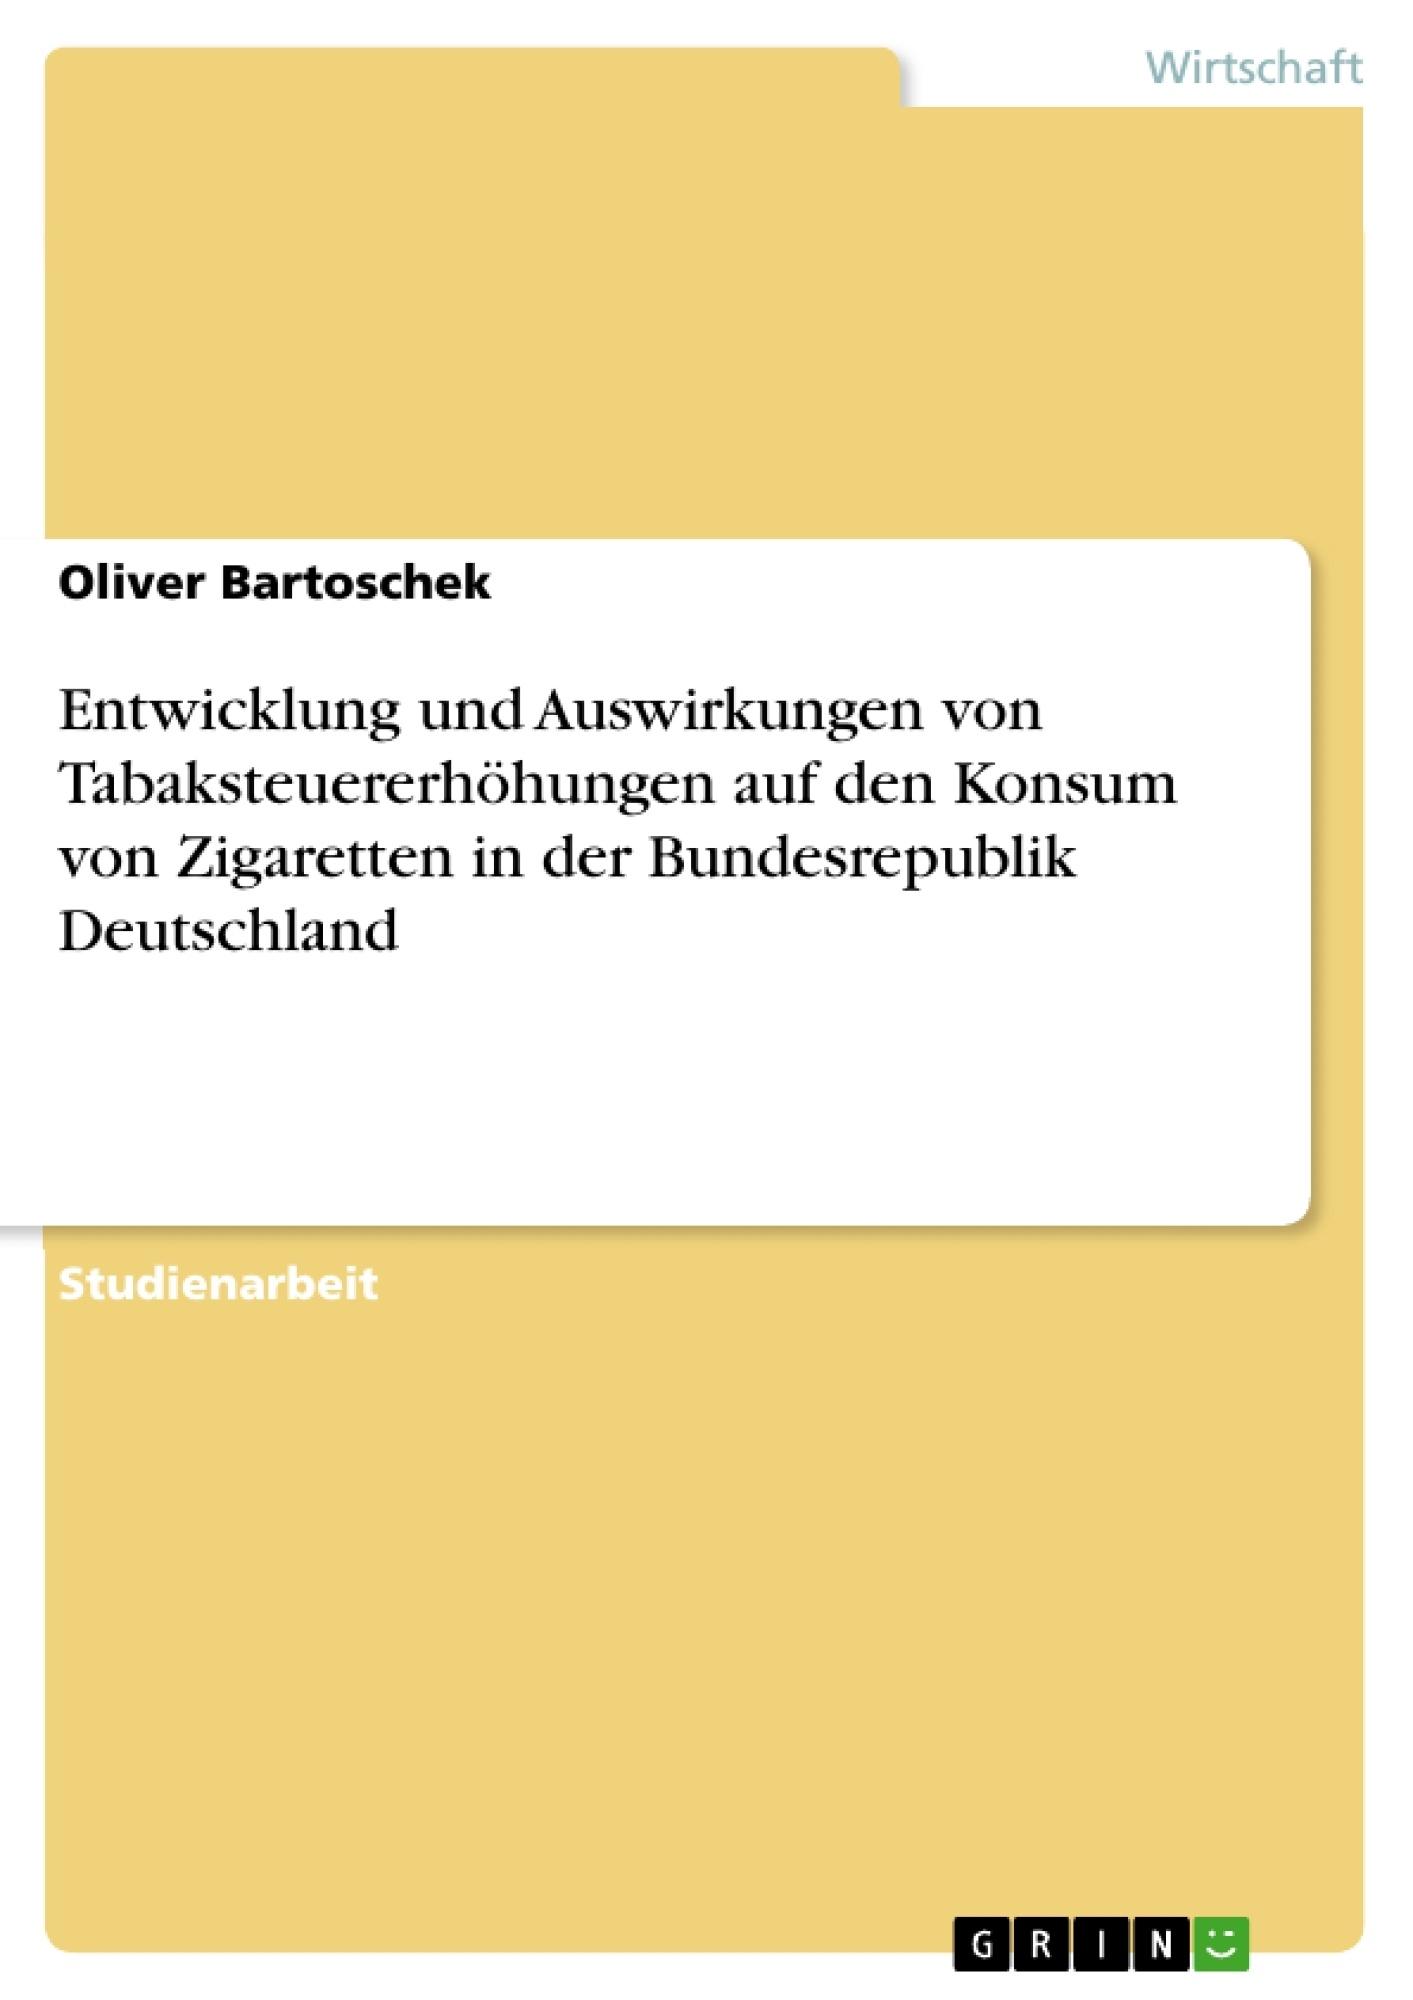 Titel: Entwicklung und Auswirkungen von Tabaksteuererhöhungen auf den Konsum von Zigaretten in der Bundesrepublik Deutschland